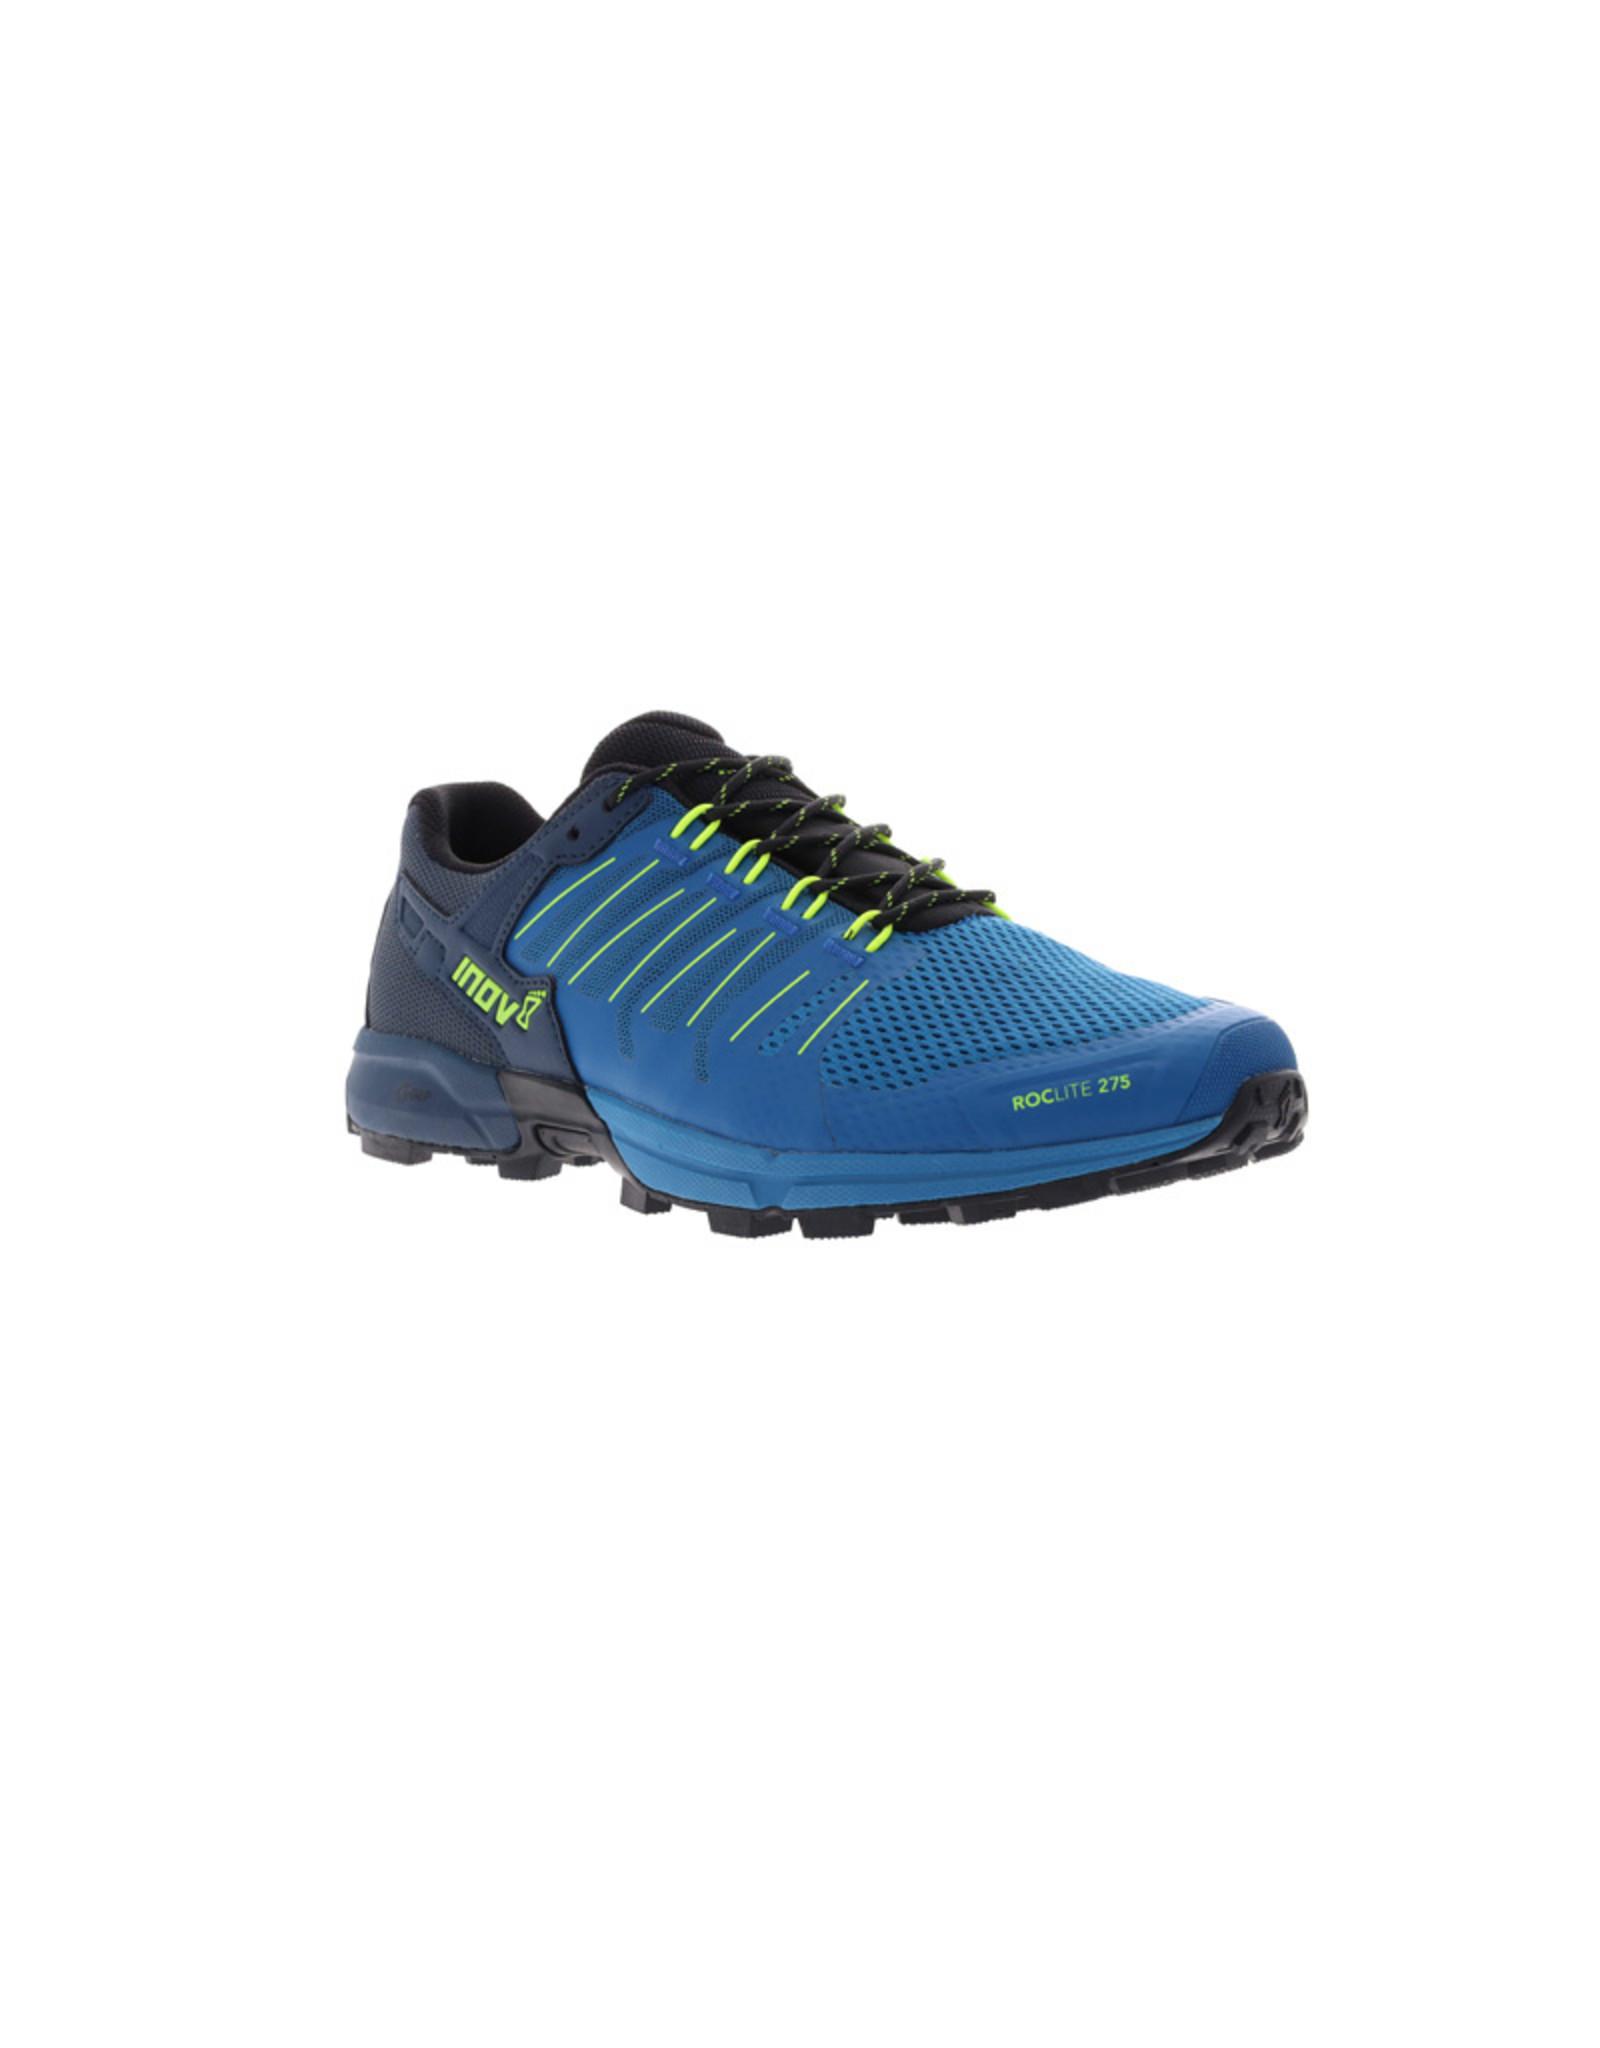 Inov-8 Roclite 275 Trailrunning Schoen - Blauw/Geel